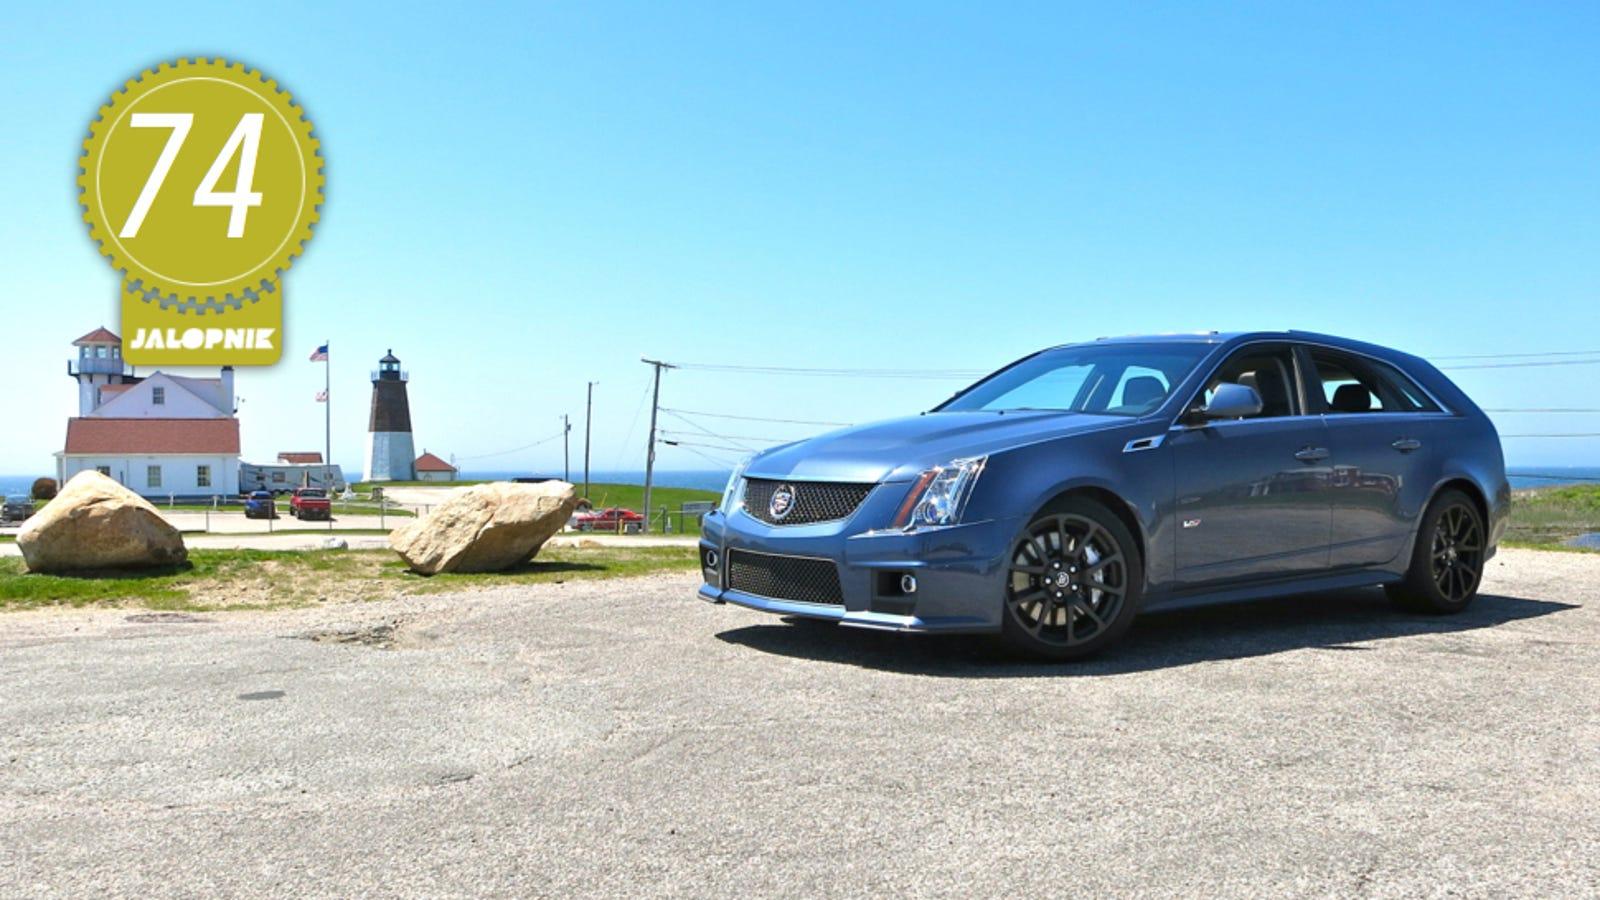 2013 Cadillac Cts V Wagon The Jalopnik Review